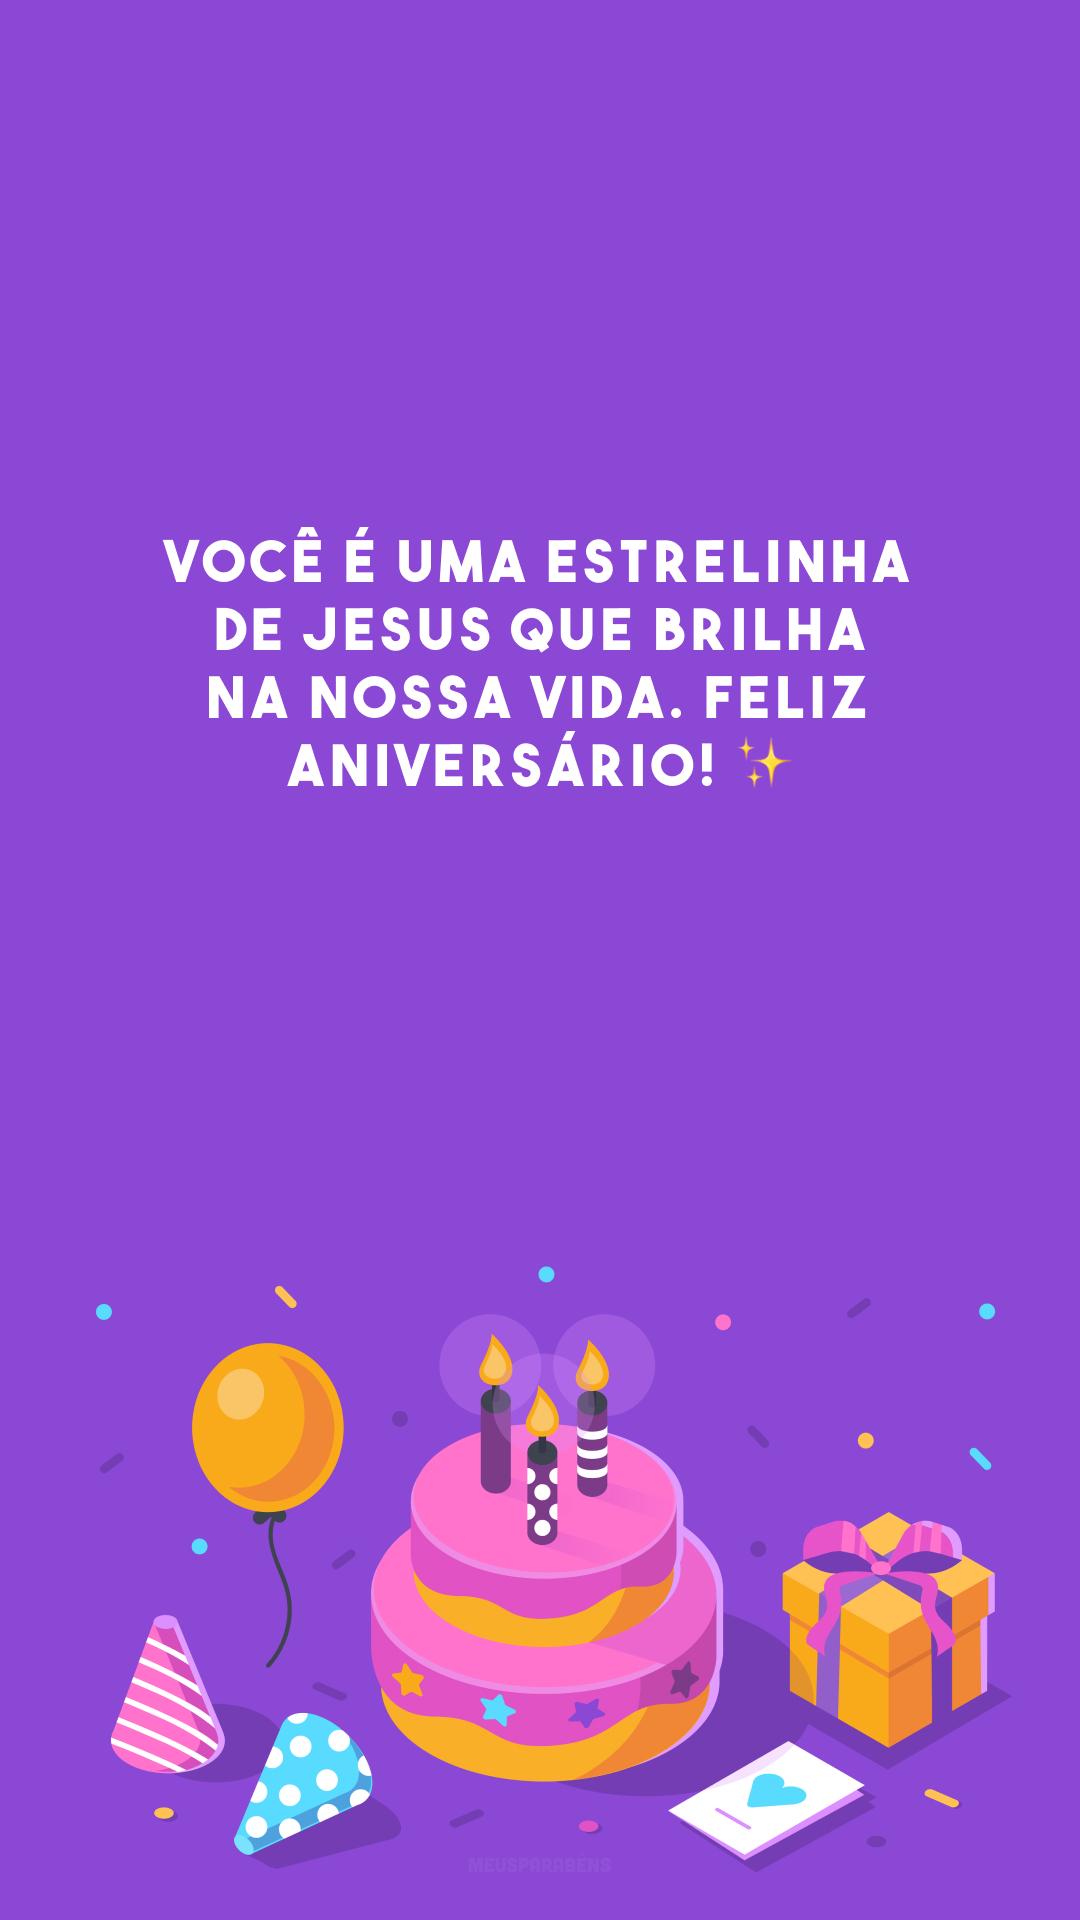 Você é uma estrelinha de Jesus que brilha na nossa vida. Feliz aniversário! ✨